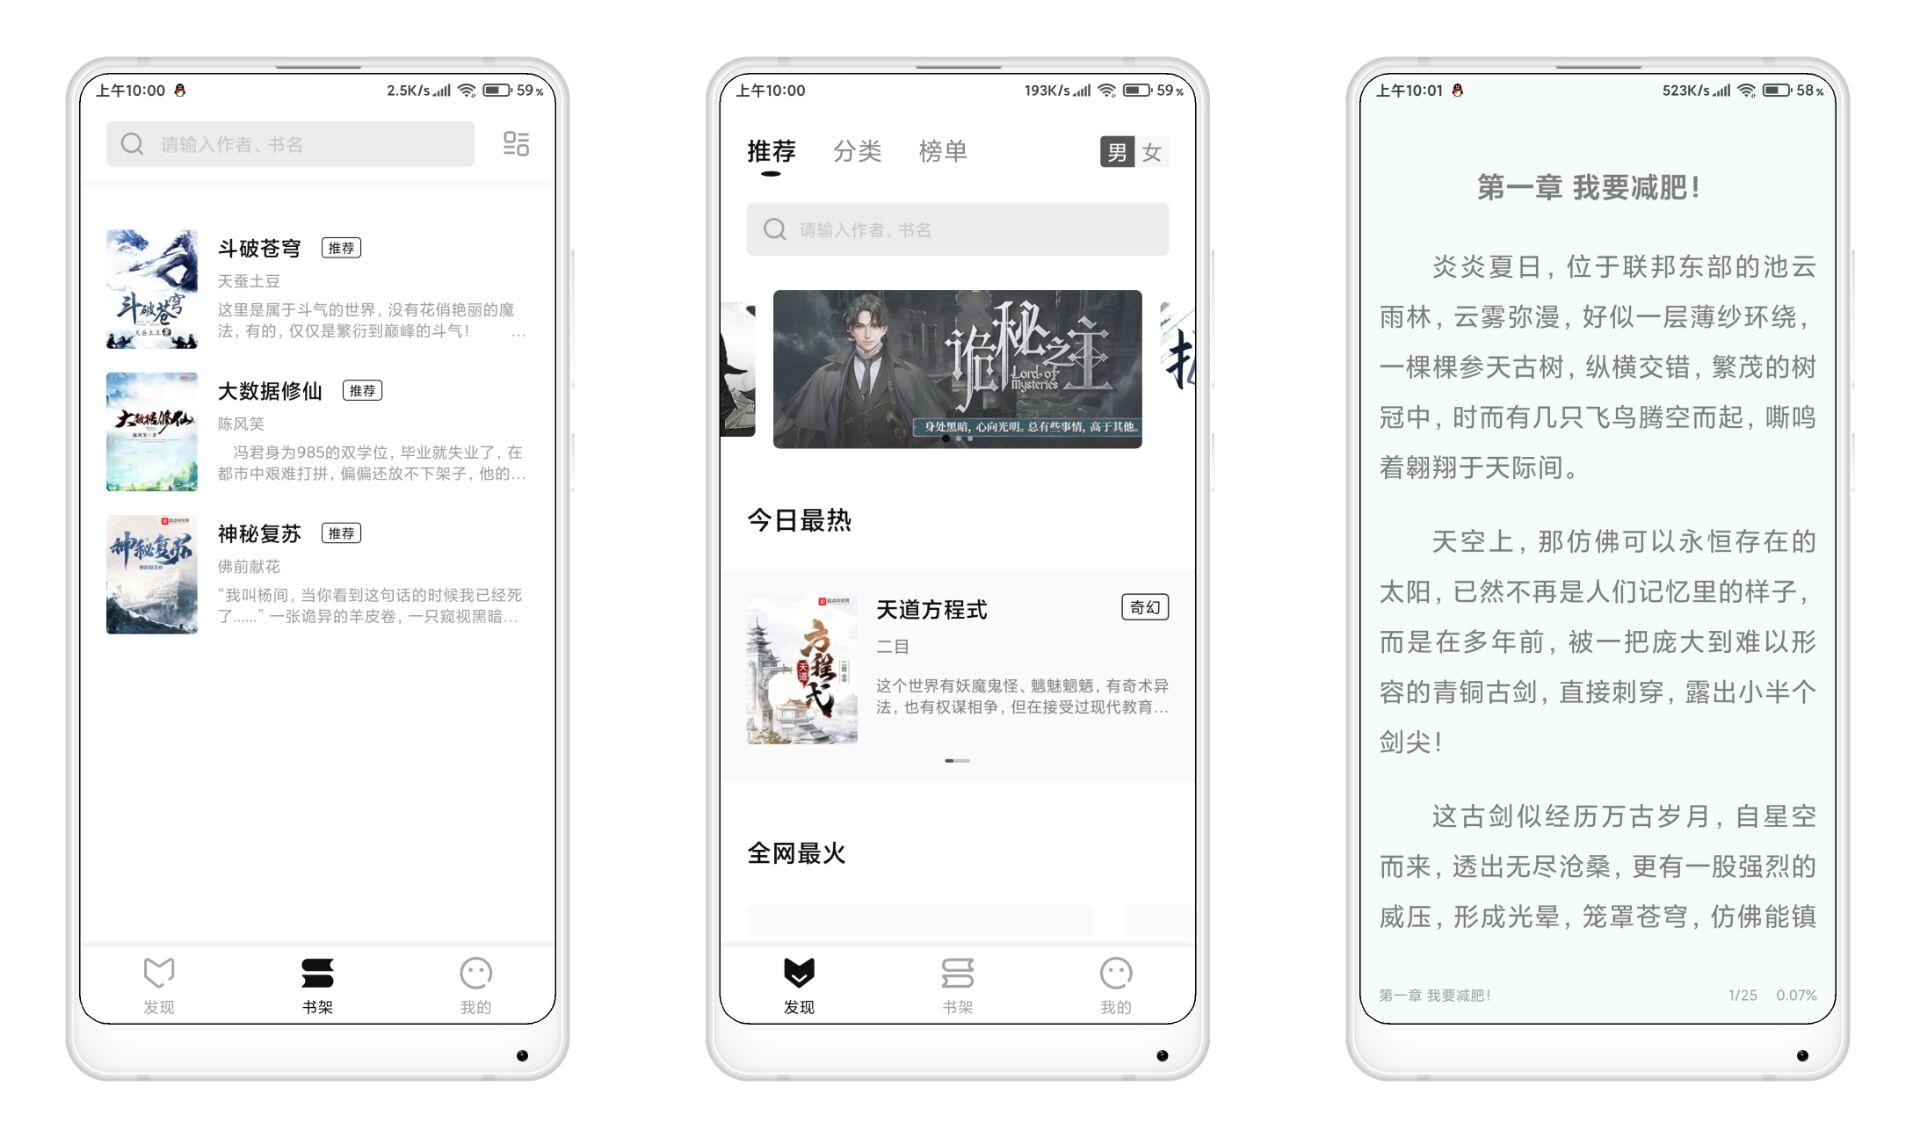 玄青小说v1.1.3强大搜索引擎 上万书源免费看